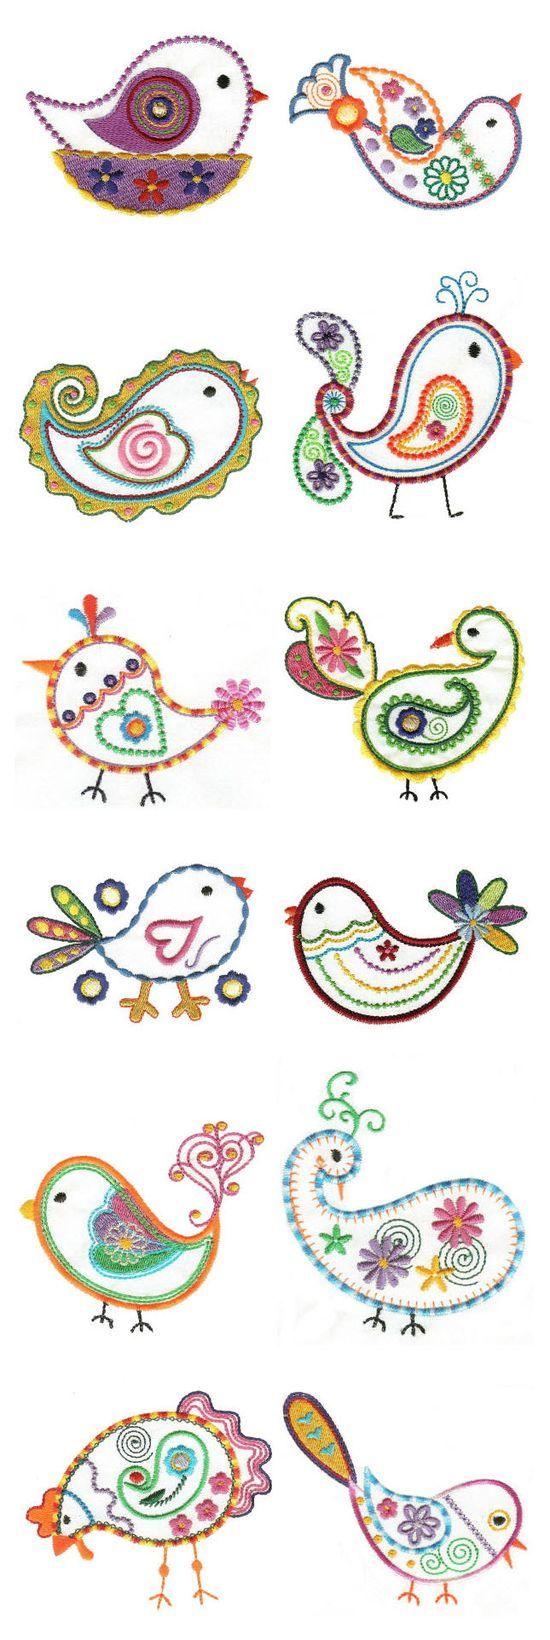 Embroidered birdies